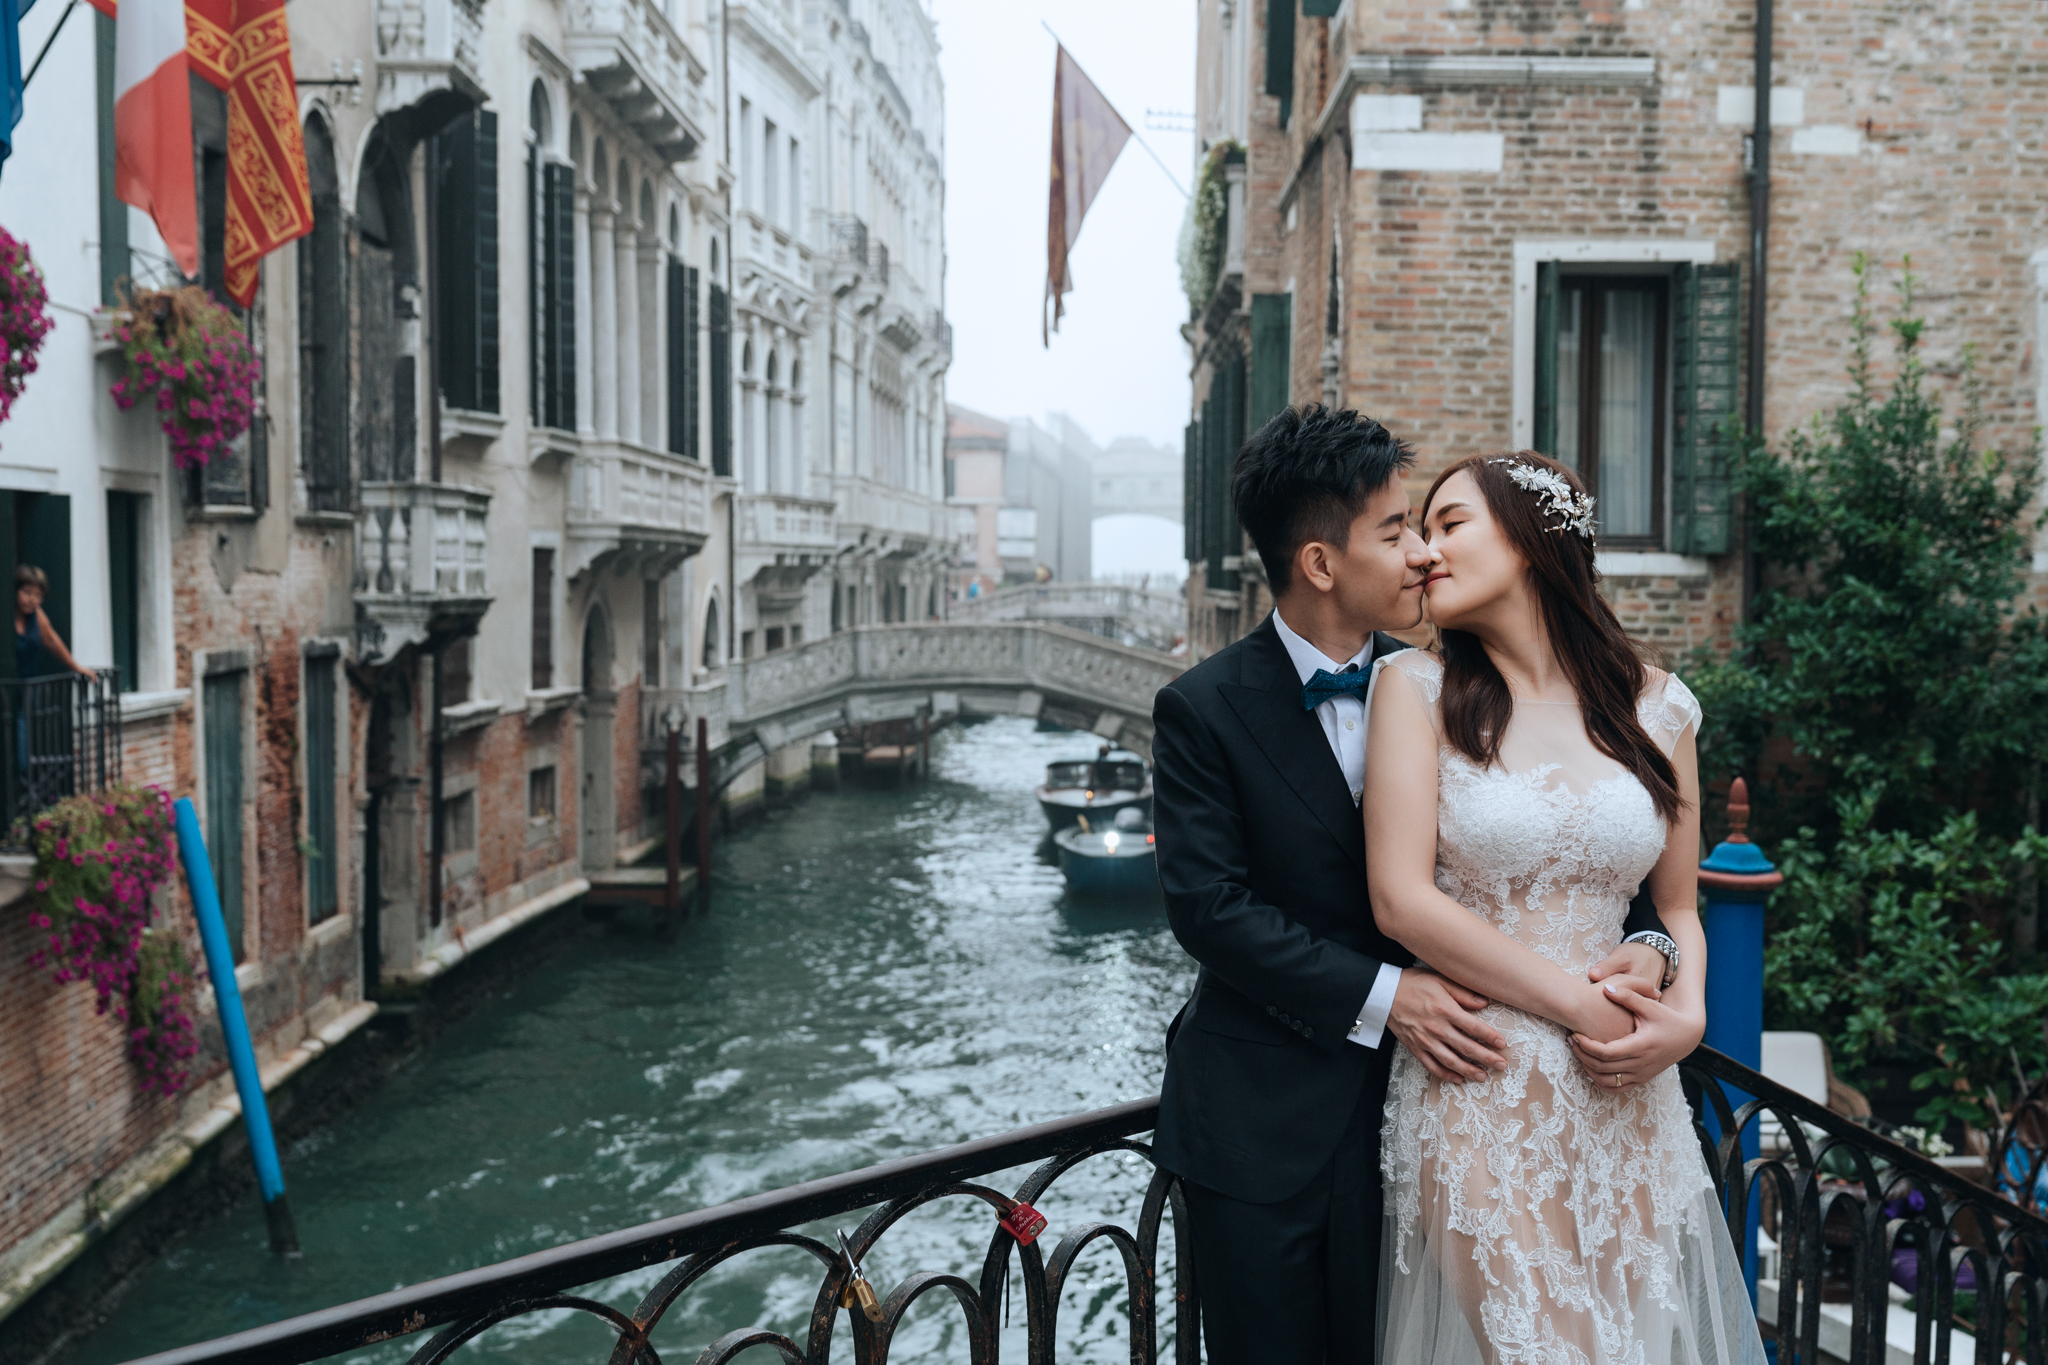 威尼斯婚紗, Donfer, EW, 海外婚紗, 東法婚紗影像, 海外婚紗影像團隊